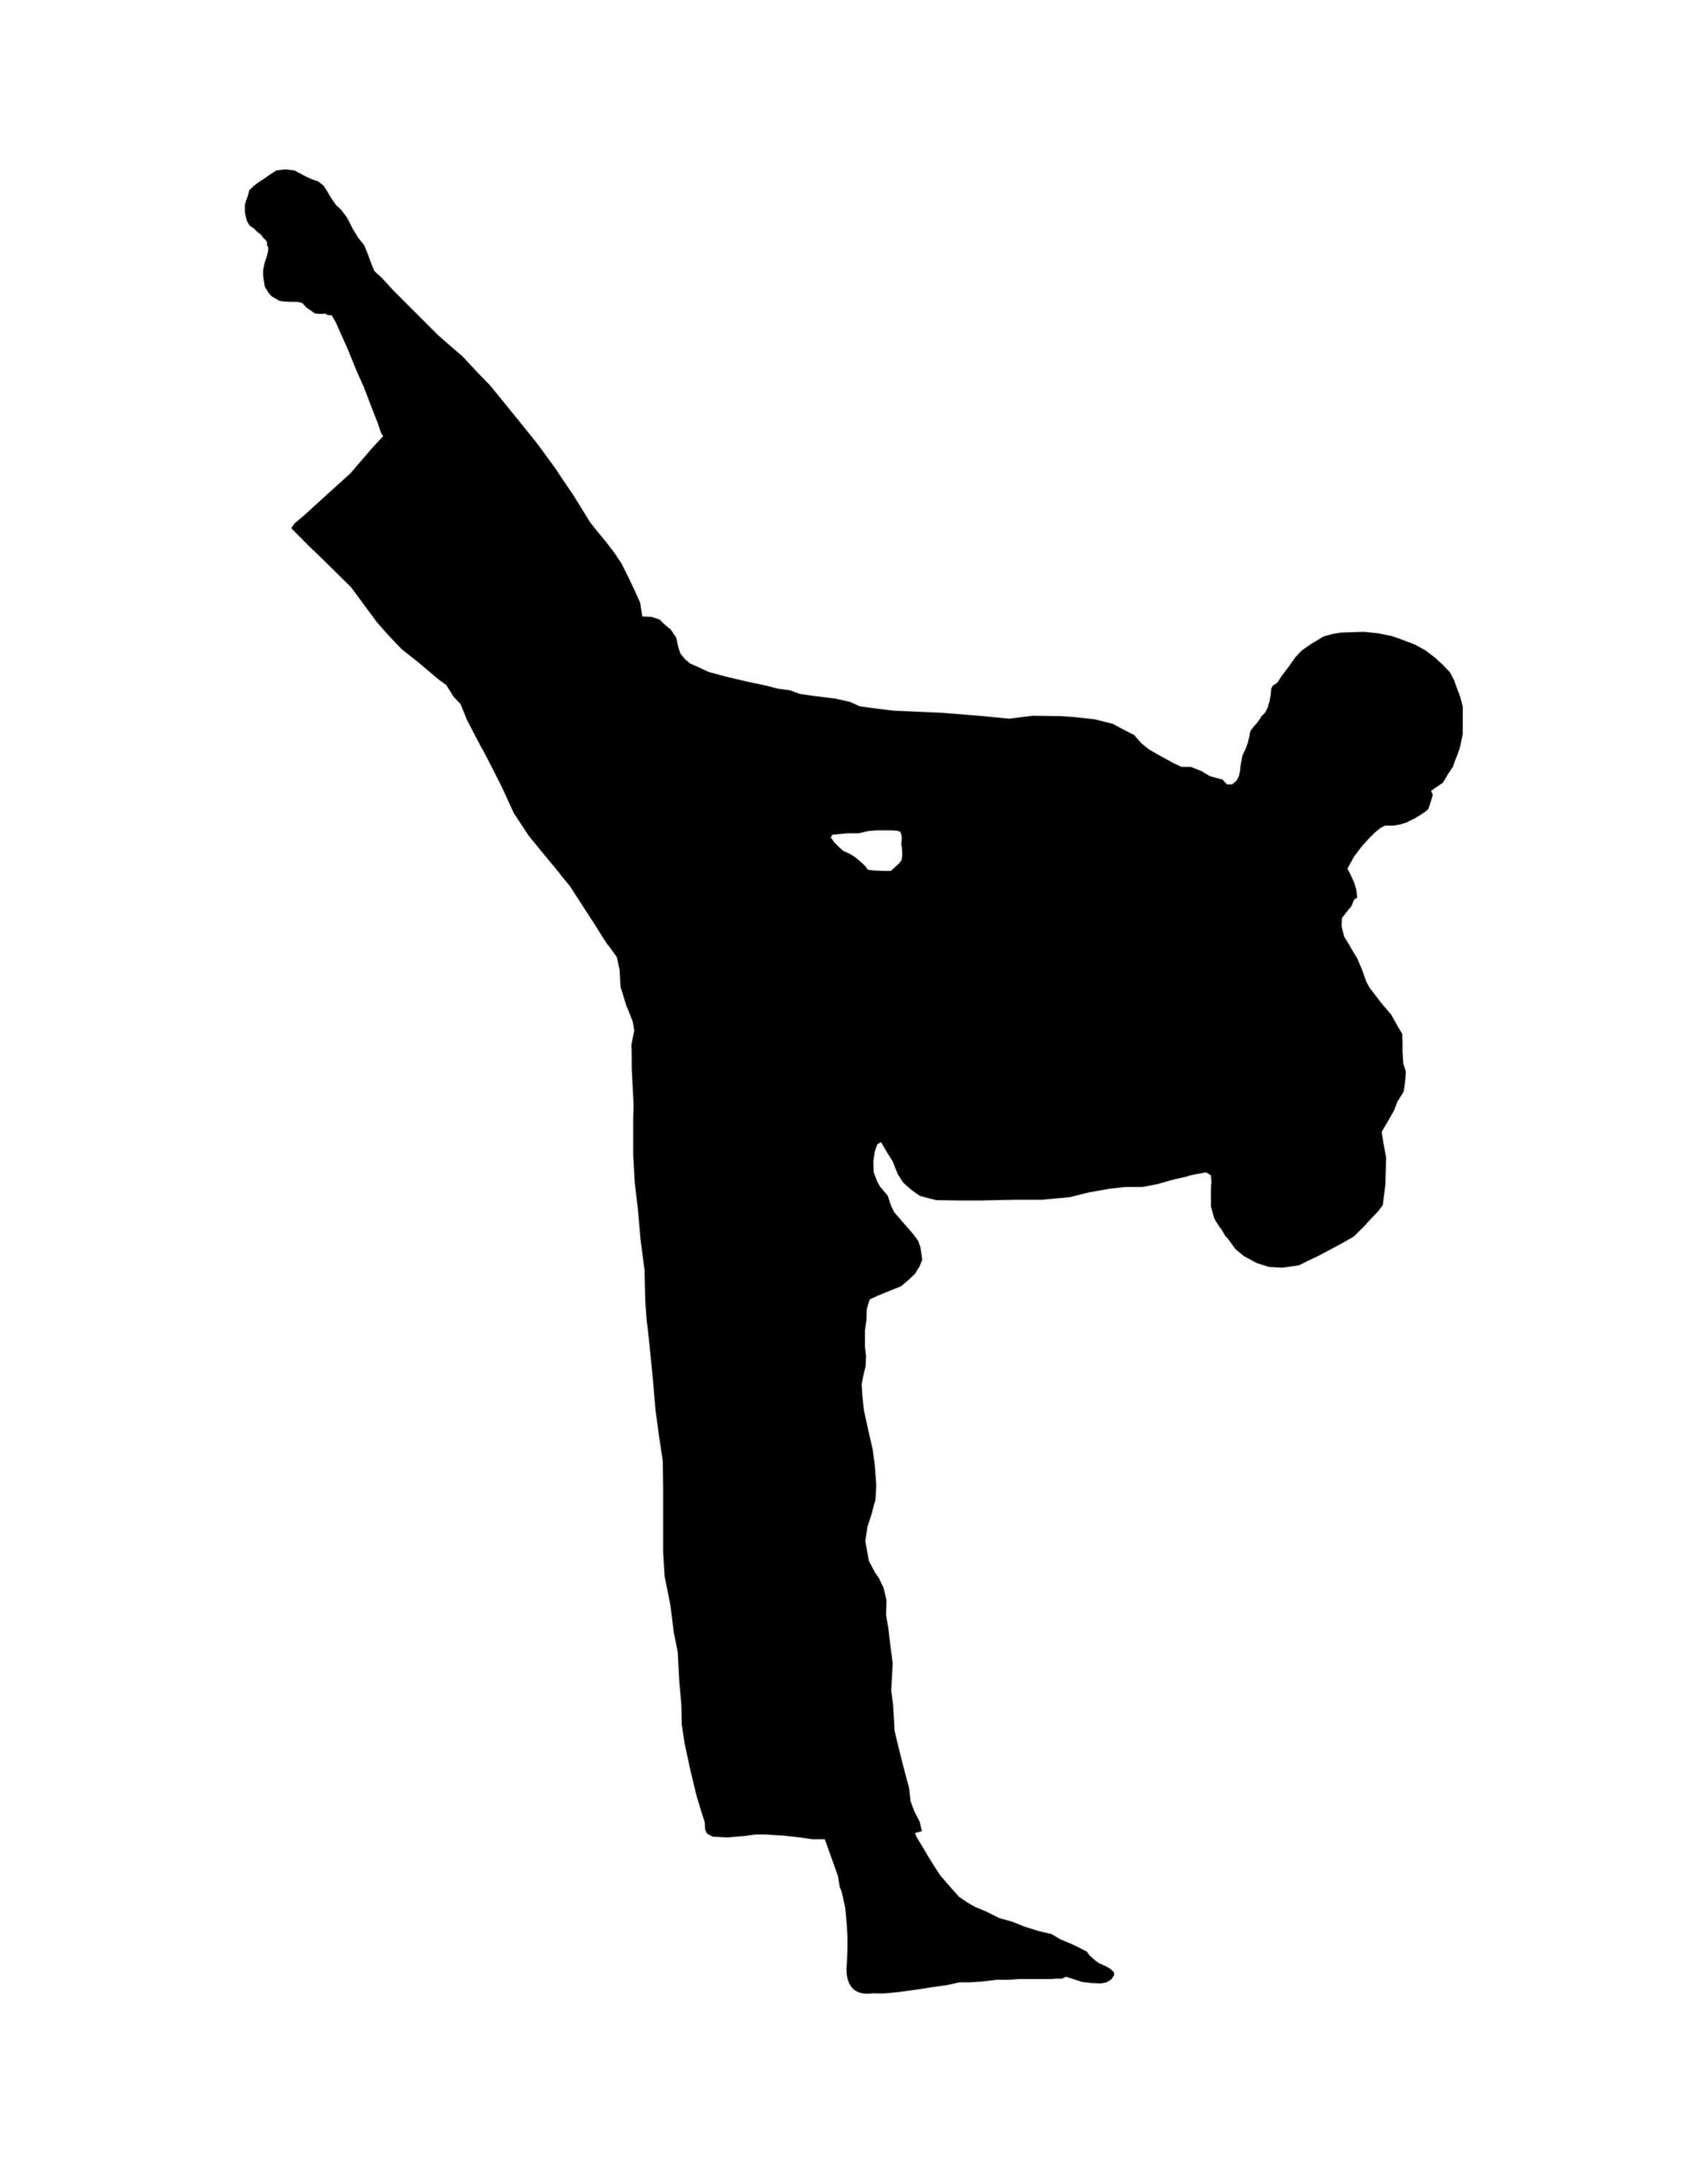 Sejarah Wushu : sejarah, wushu, Martial, Movies, Diri,, Pencak, Silat,, Sejarah